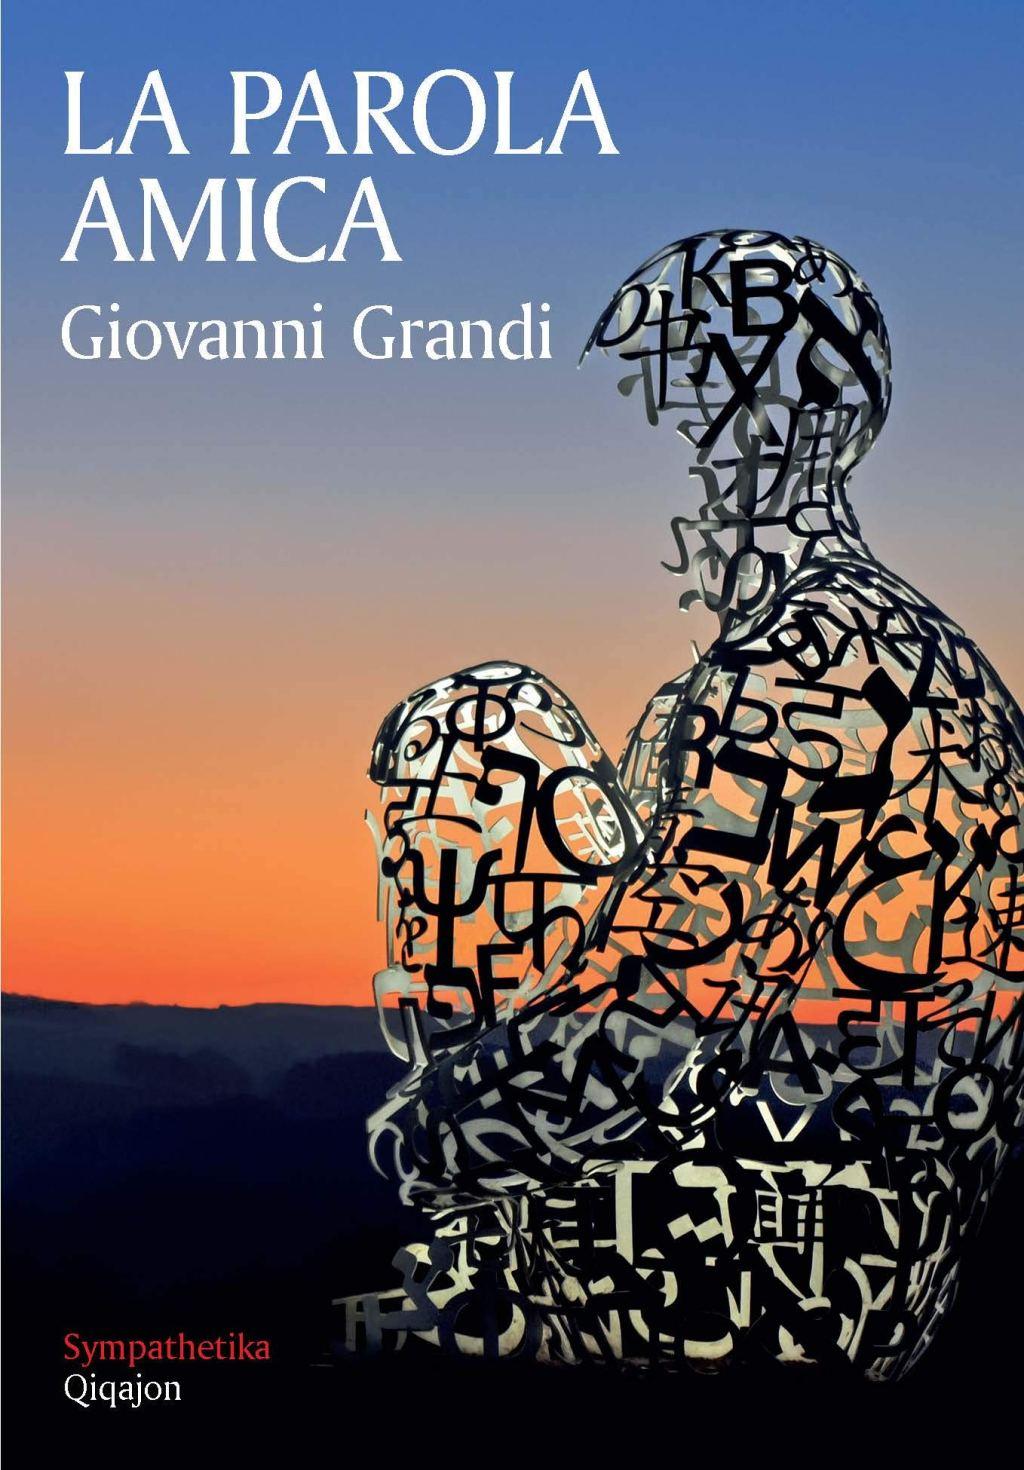 Giovanni Grandi